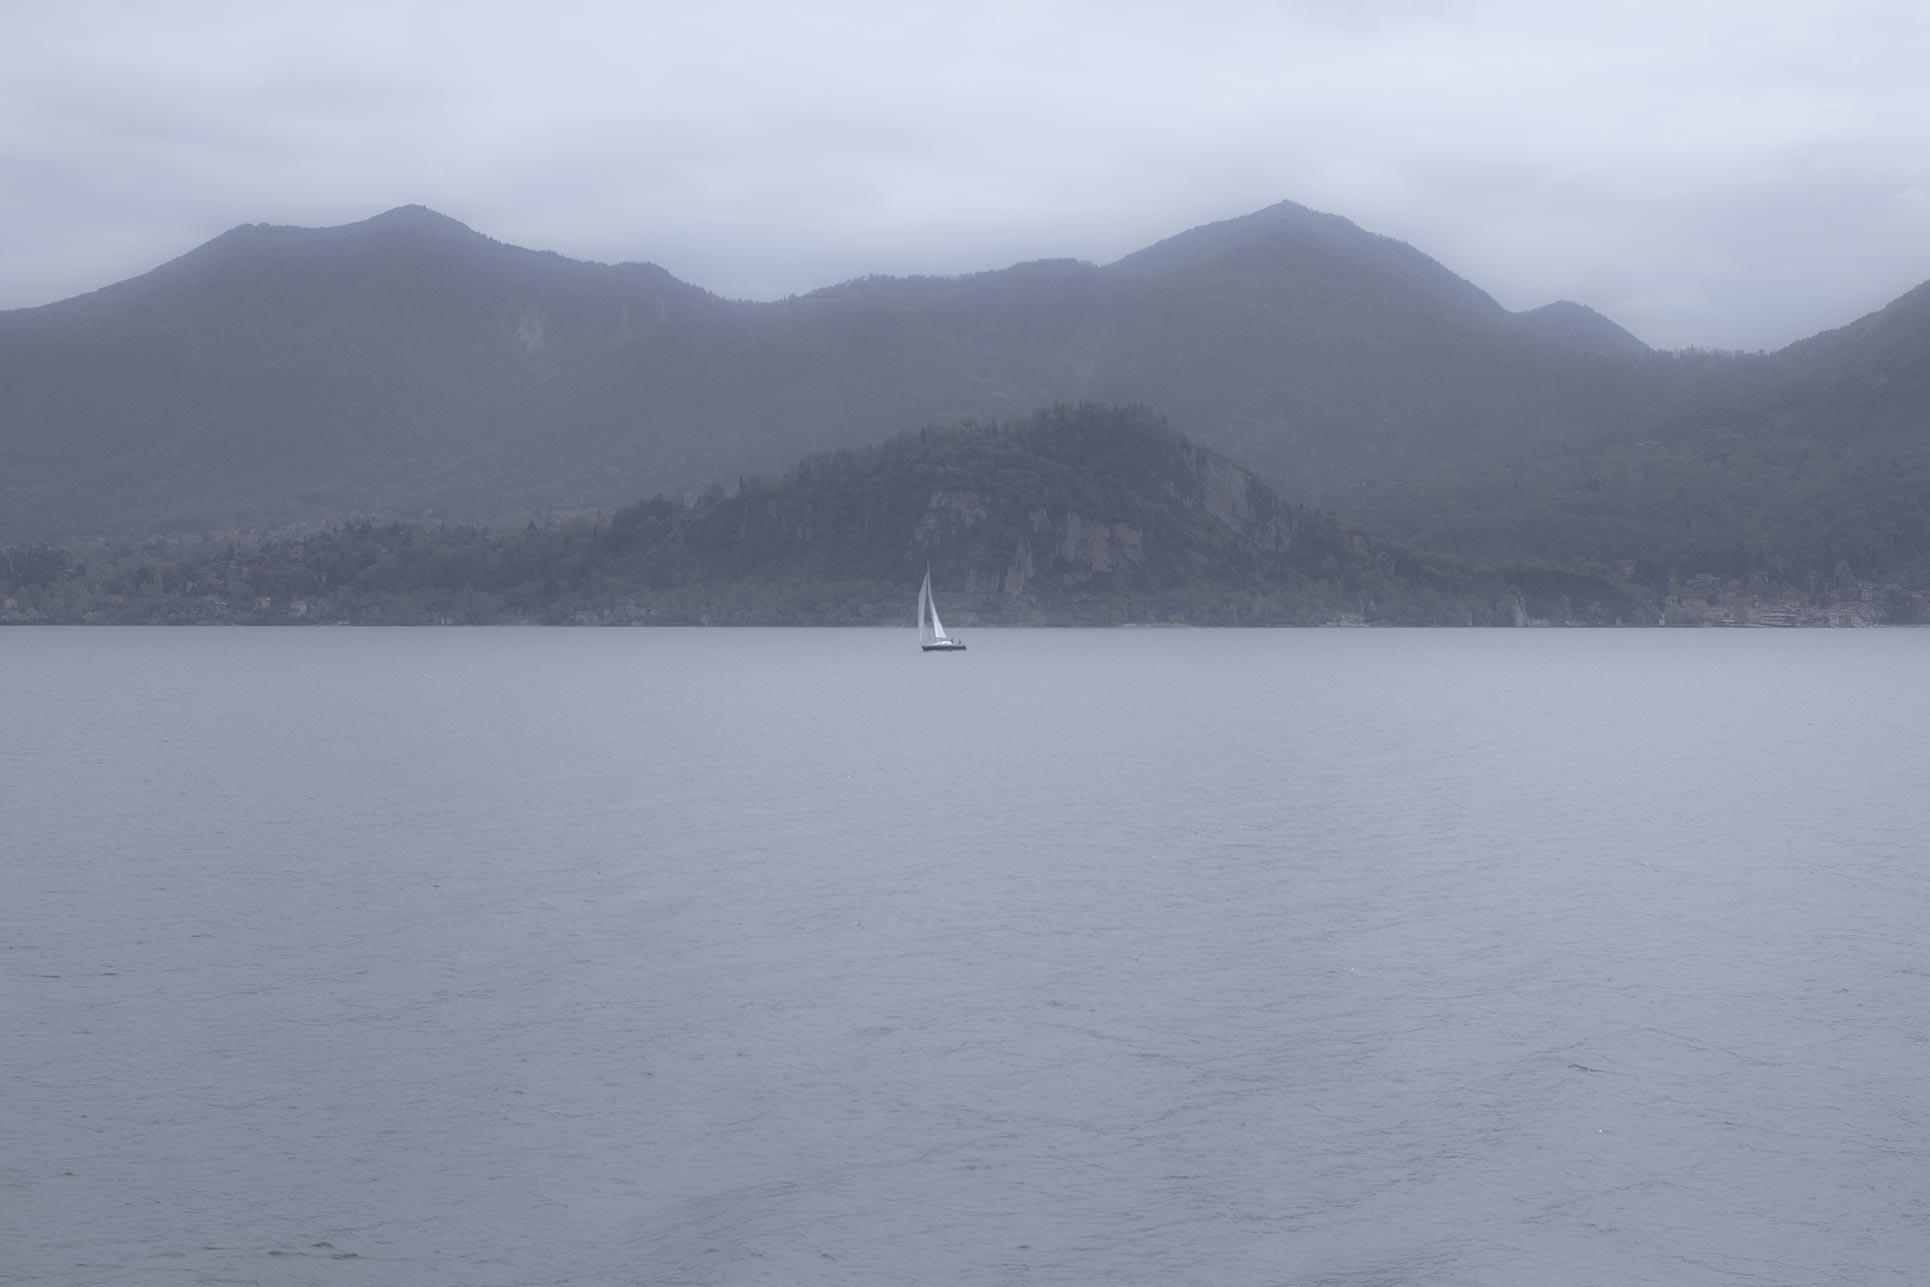 Lake Maggiore (Photo: Dimitri Rosi)